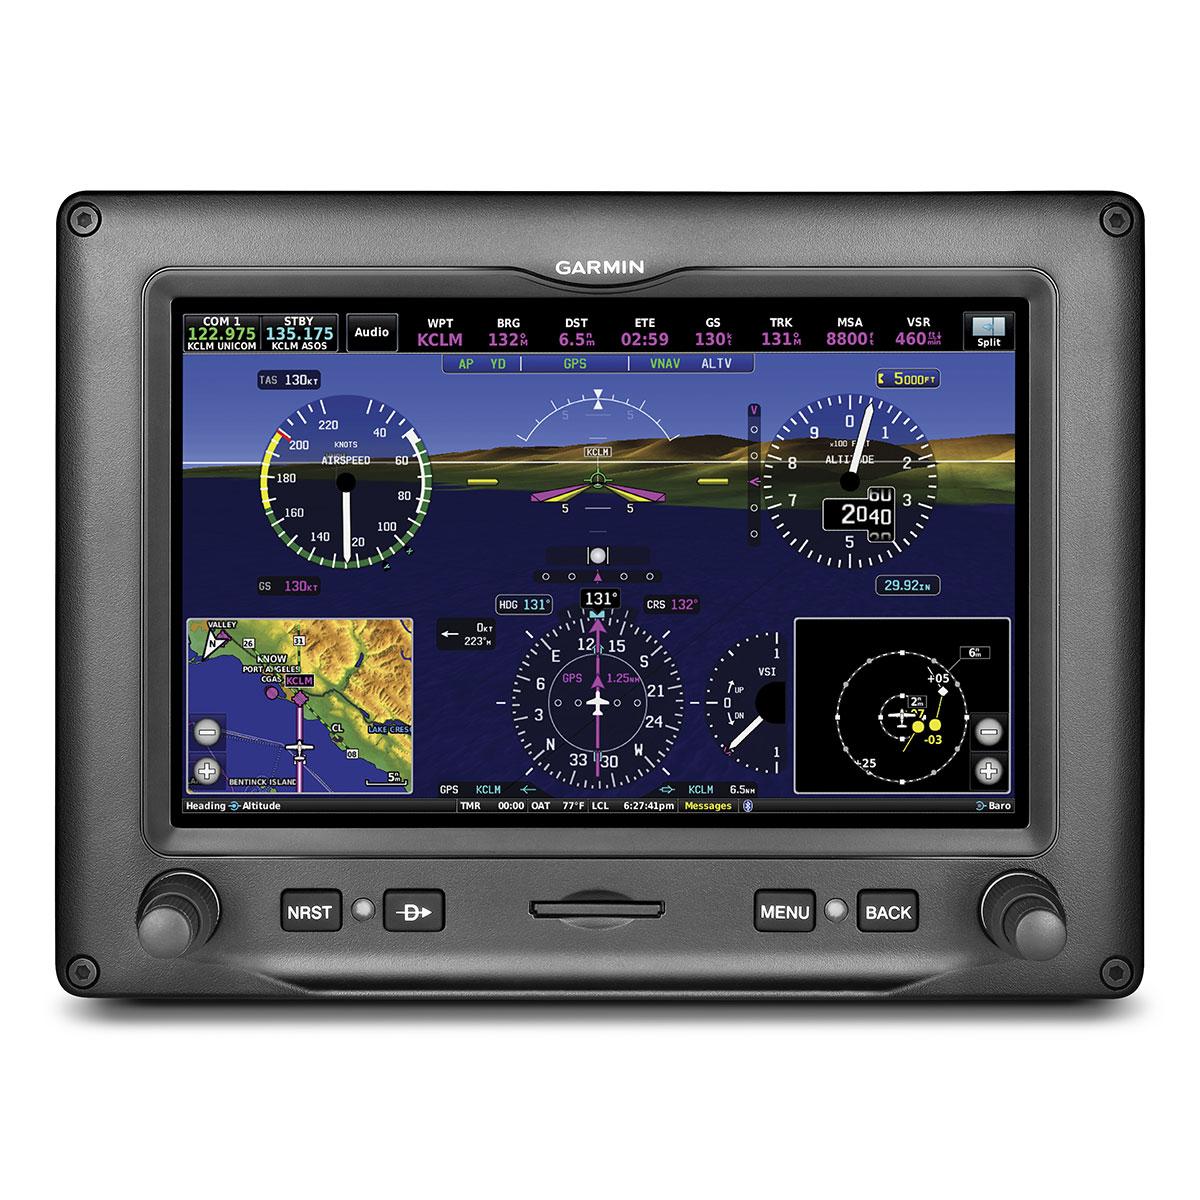 Garmin Gdu 455 Experimental Garmin G3x Touch 7 Landscape Display W Siriusxm 010 10